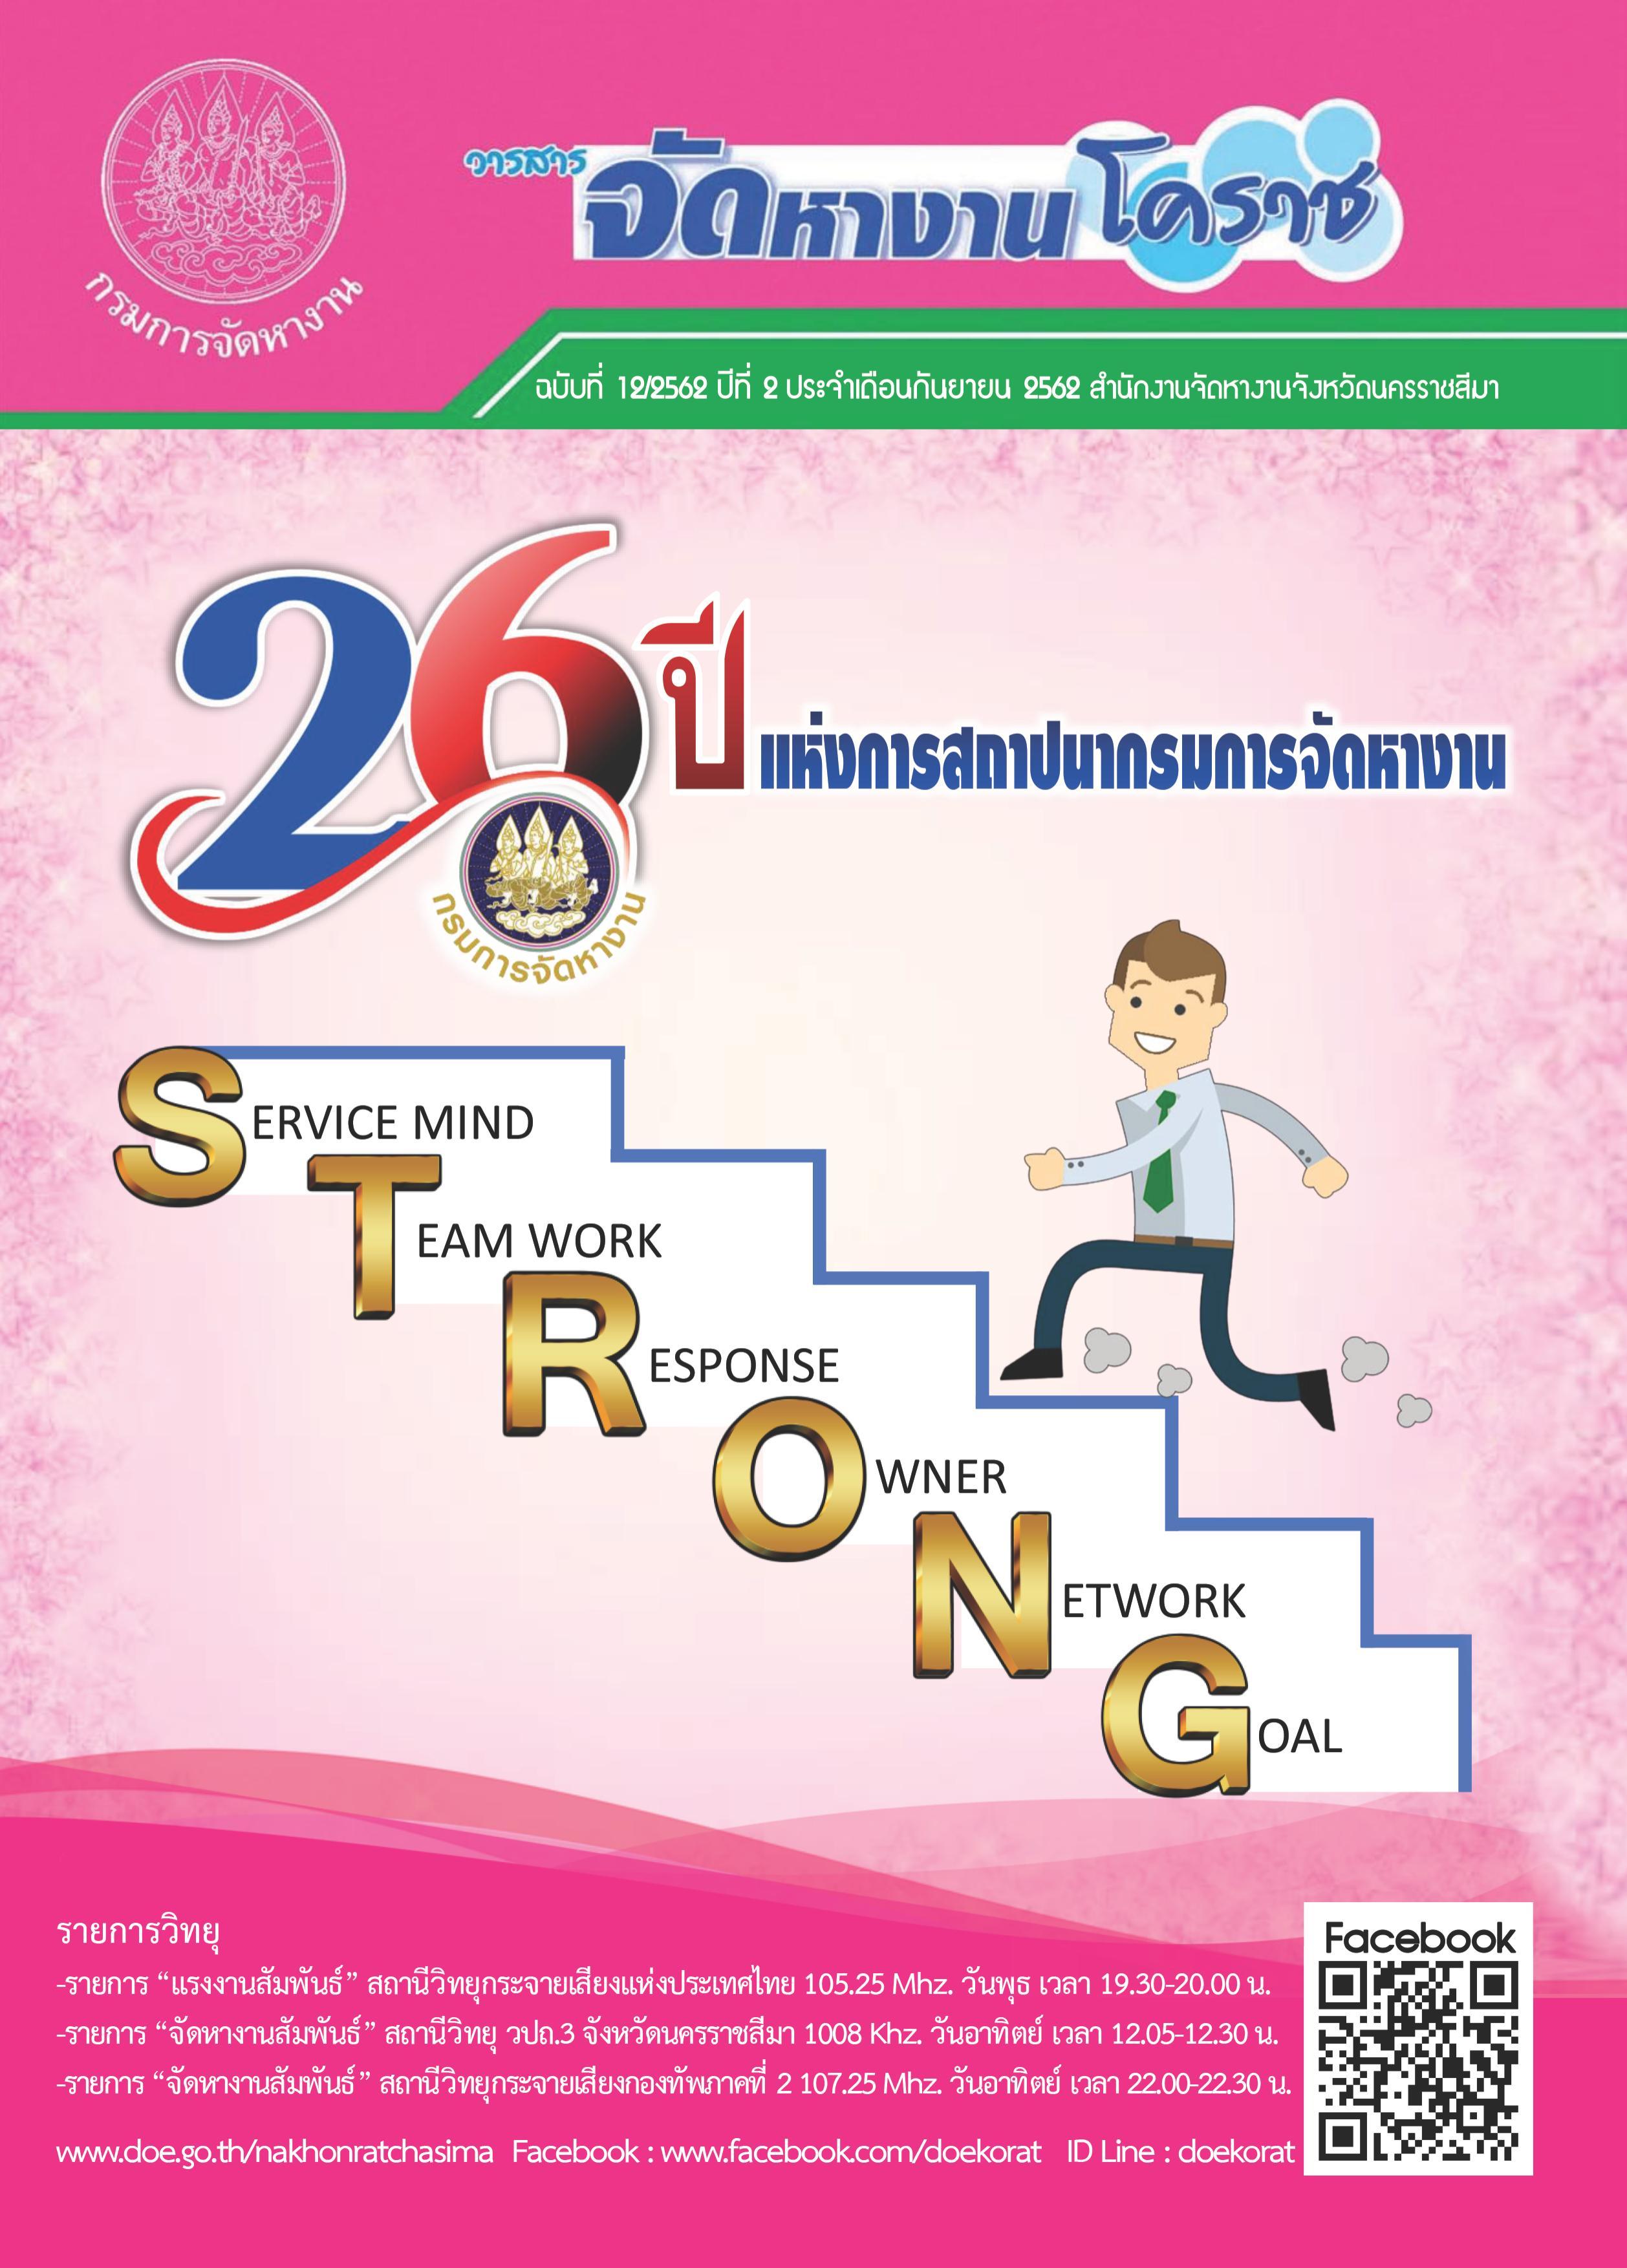 วารสารจัดหางานโคราช ฉบับที่ 12/2562 ปีที่ 2 ประจำเดือนกันยายน 2562